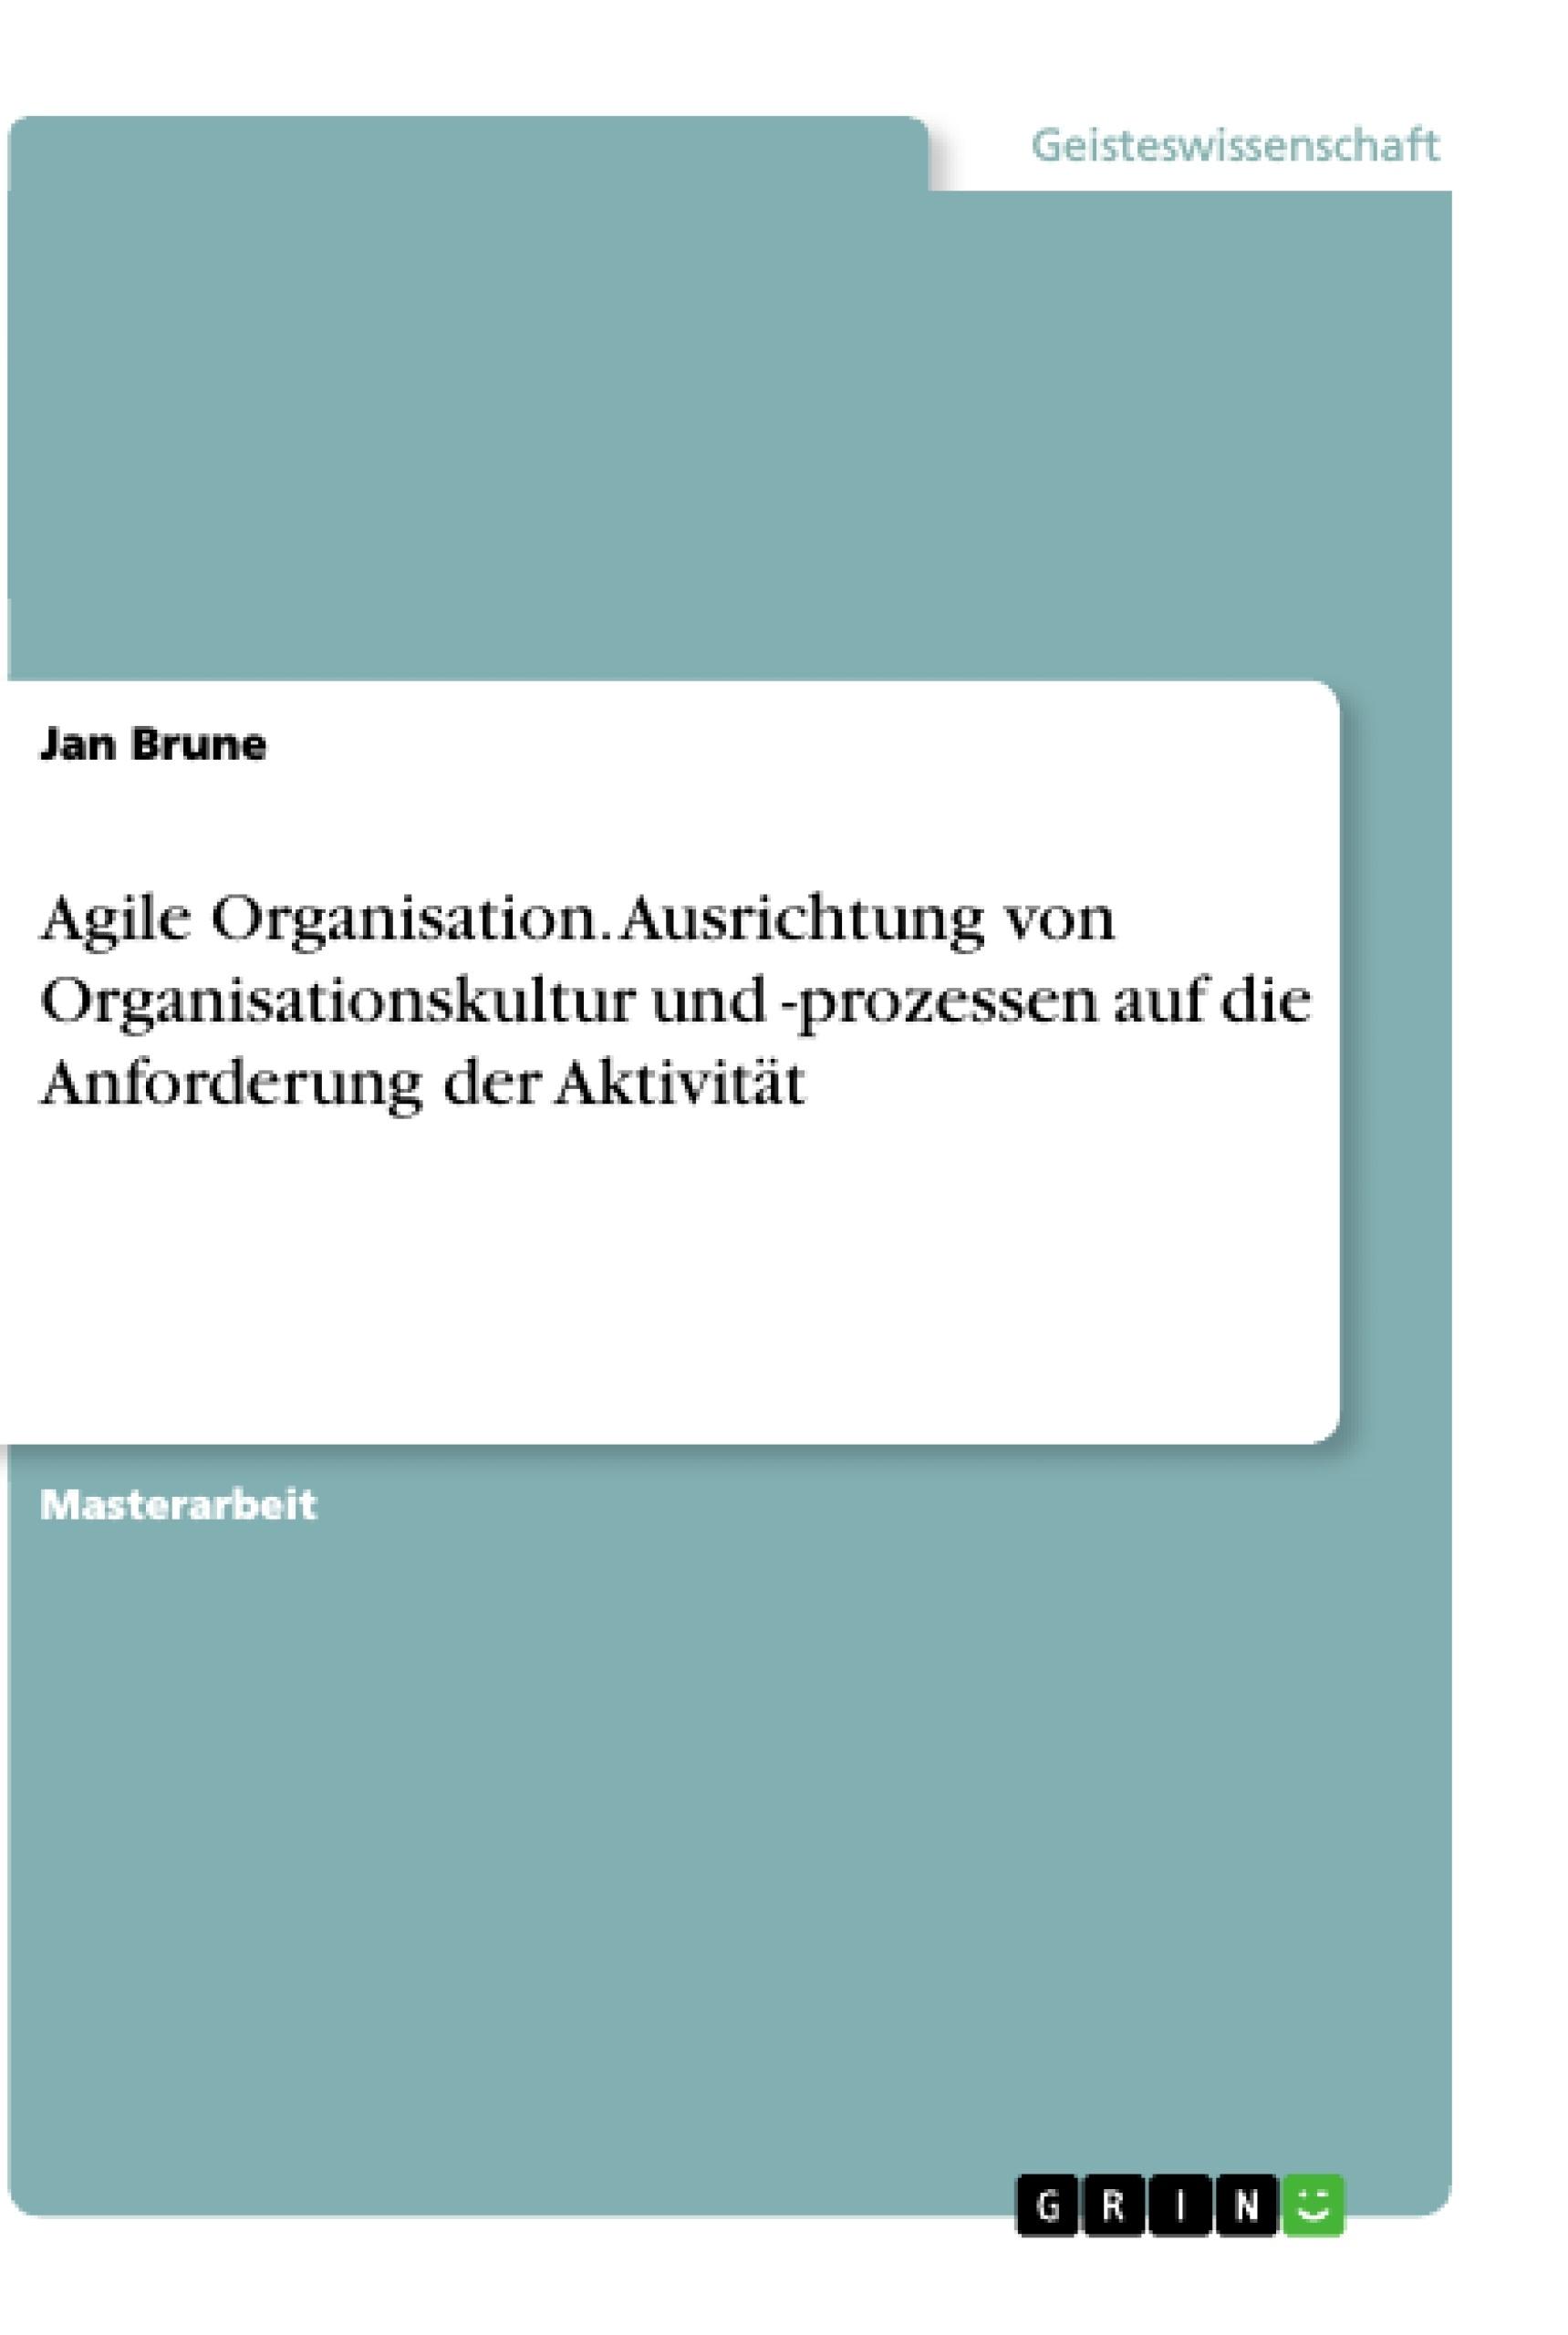 Titel: Agile Organisation. Ausrichtung von Organisationskultur und -prozessen auf die Anforderung der Aktivität